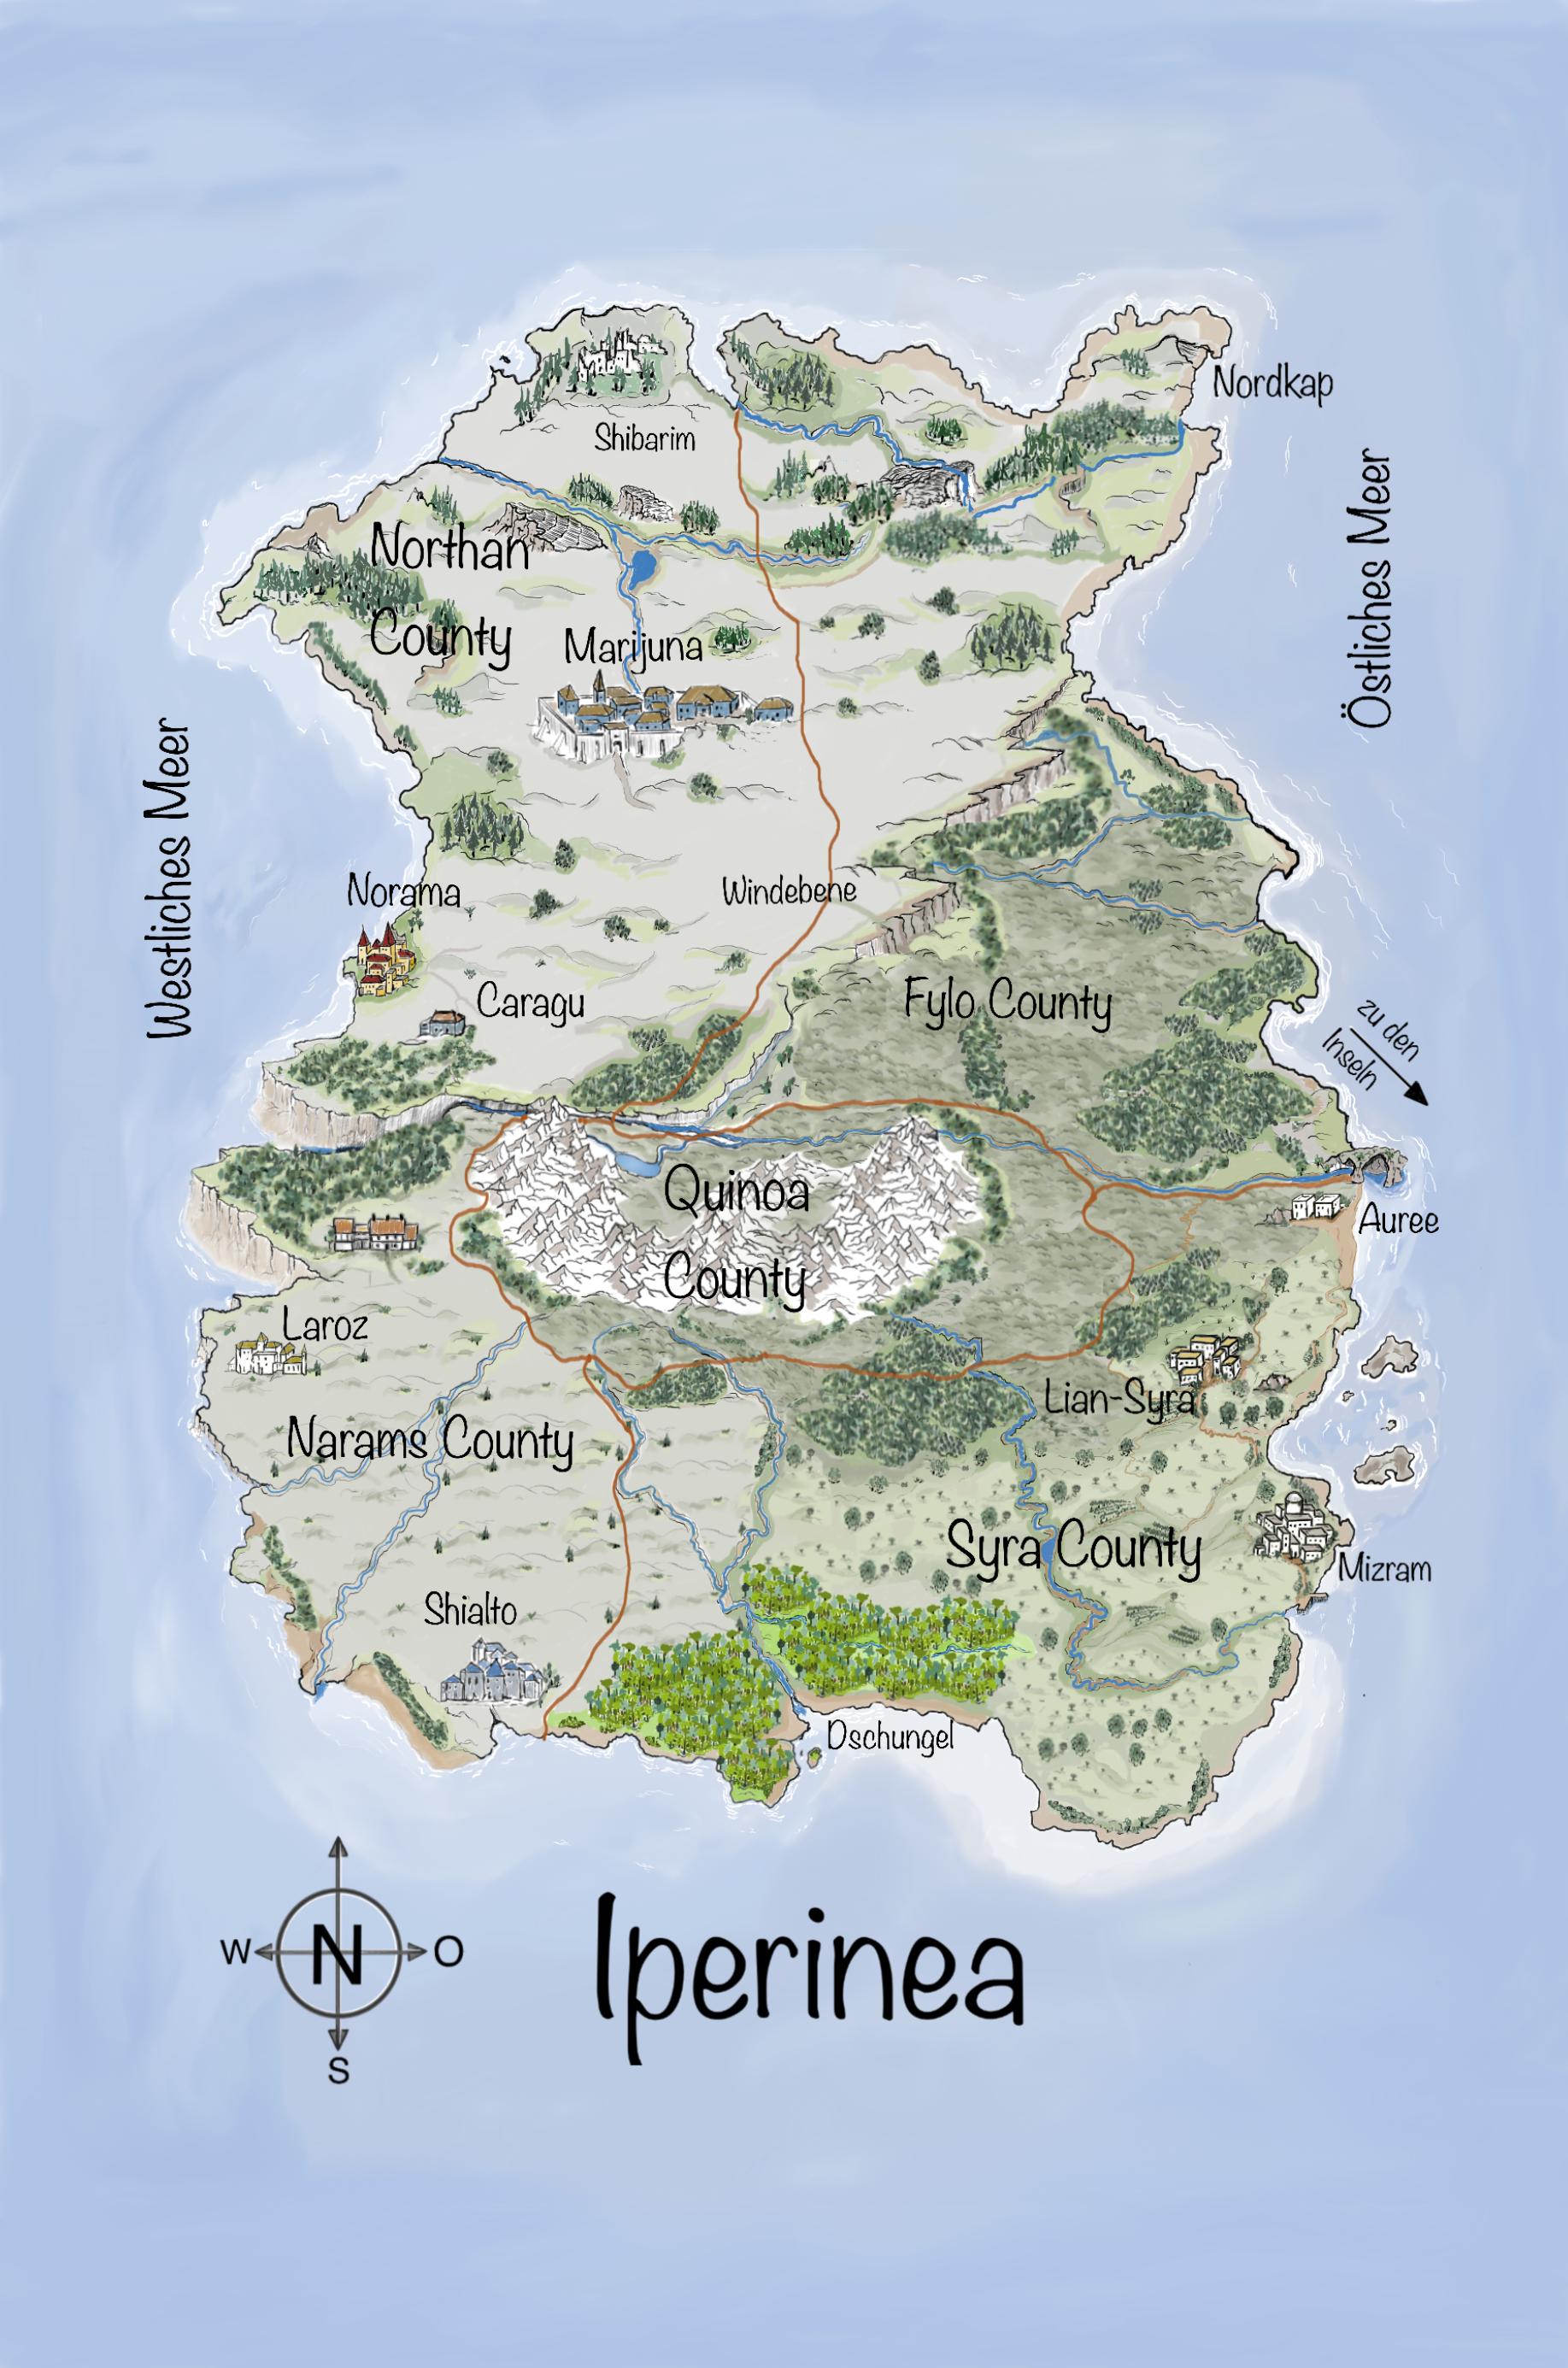 Leben auf Iperinea - Naturgewalten